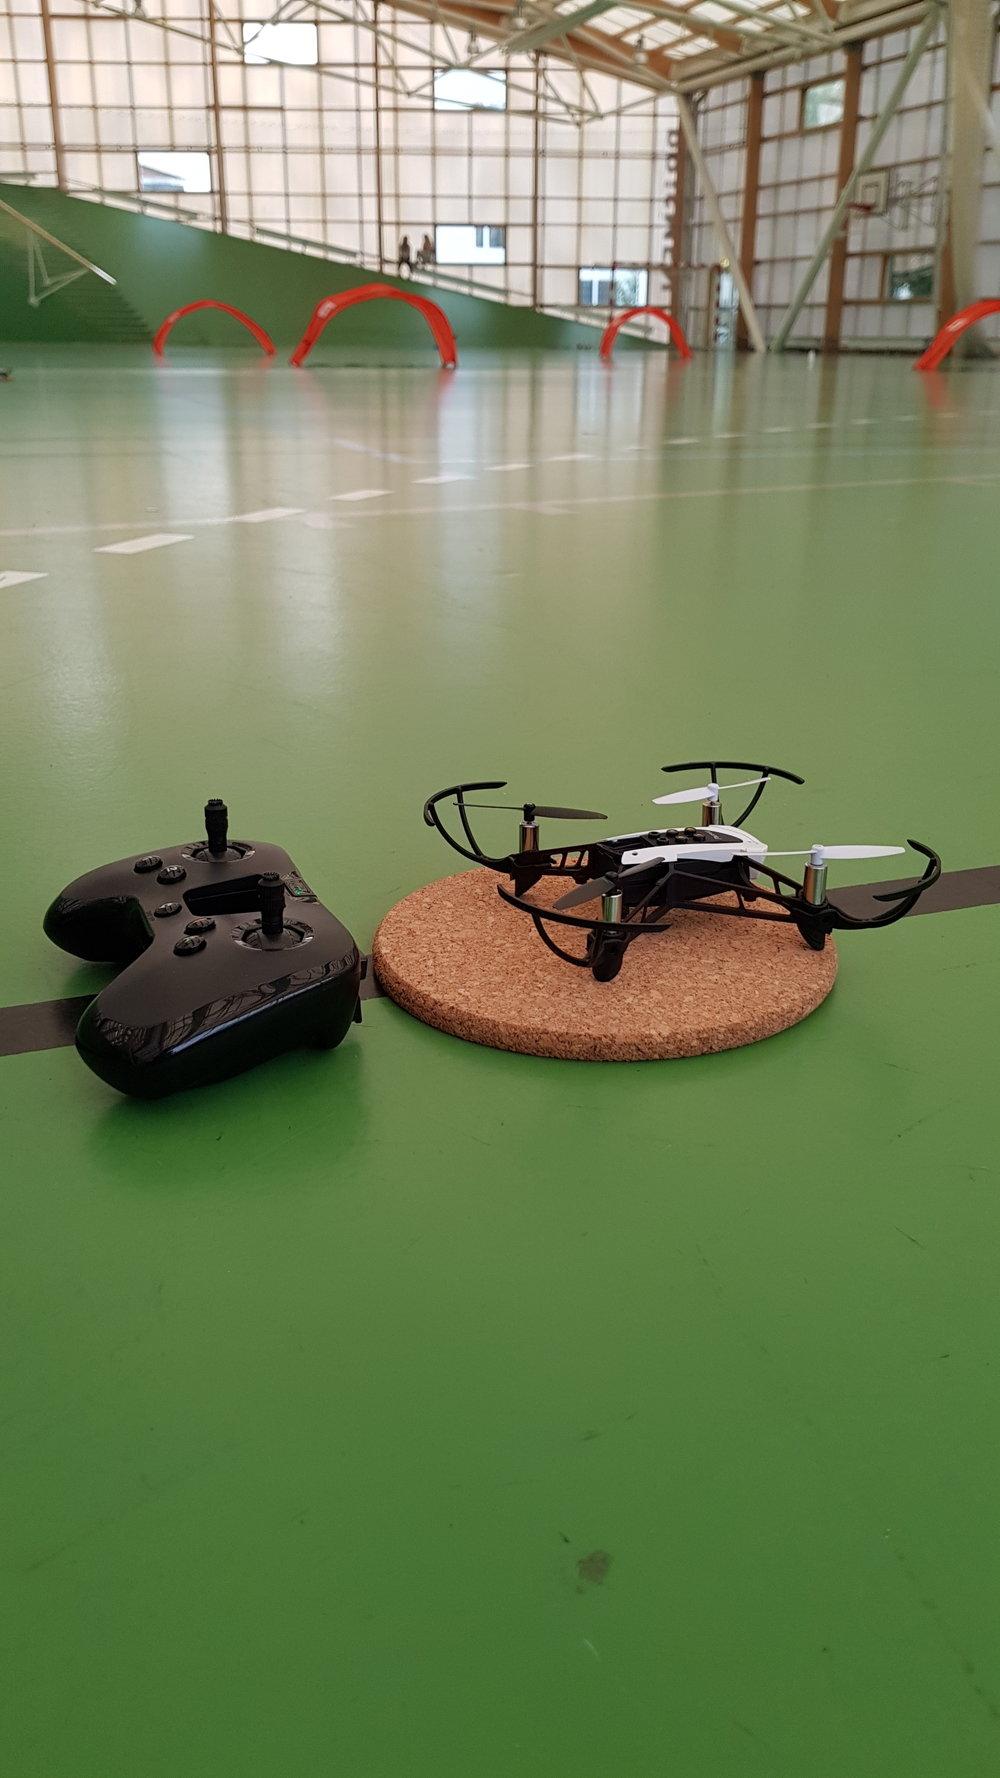 Opstilling til droneflyvning